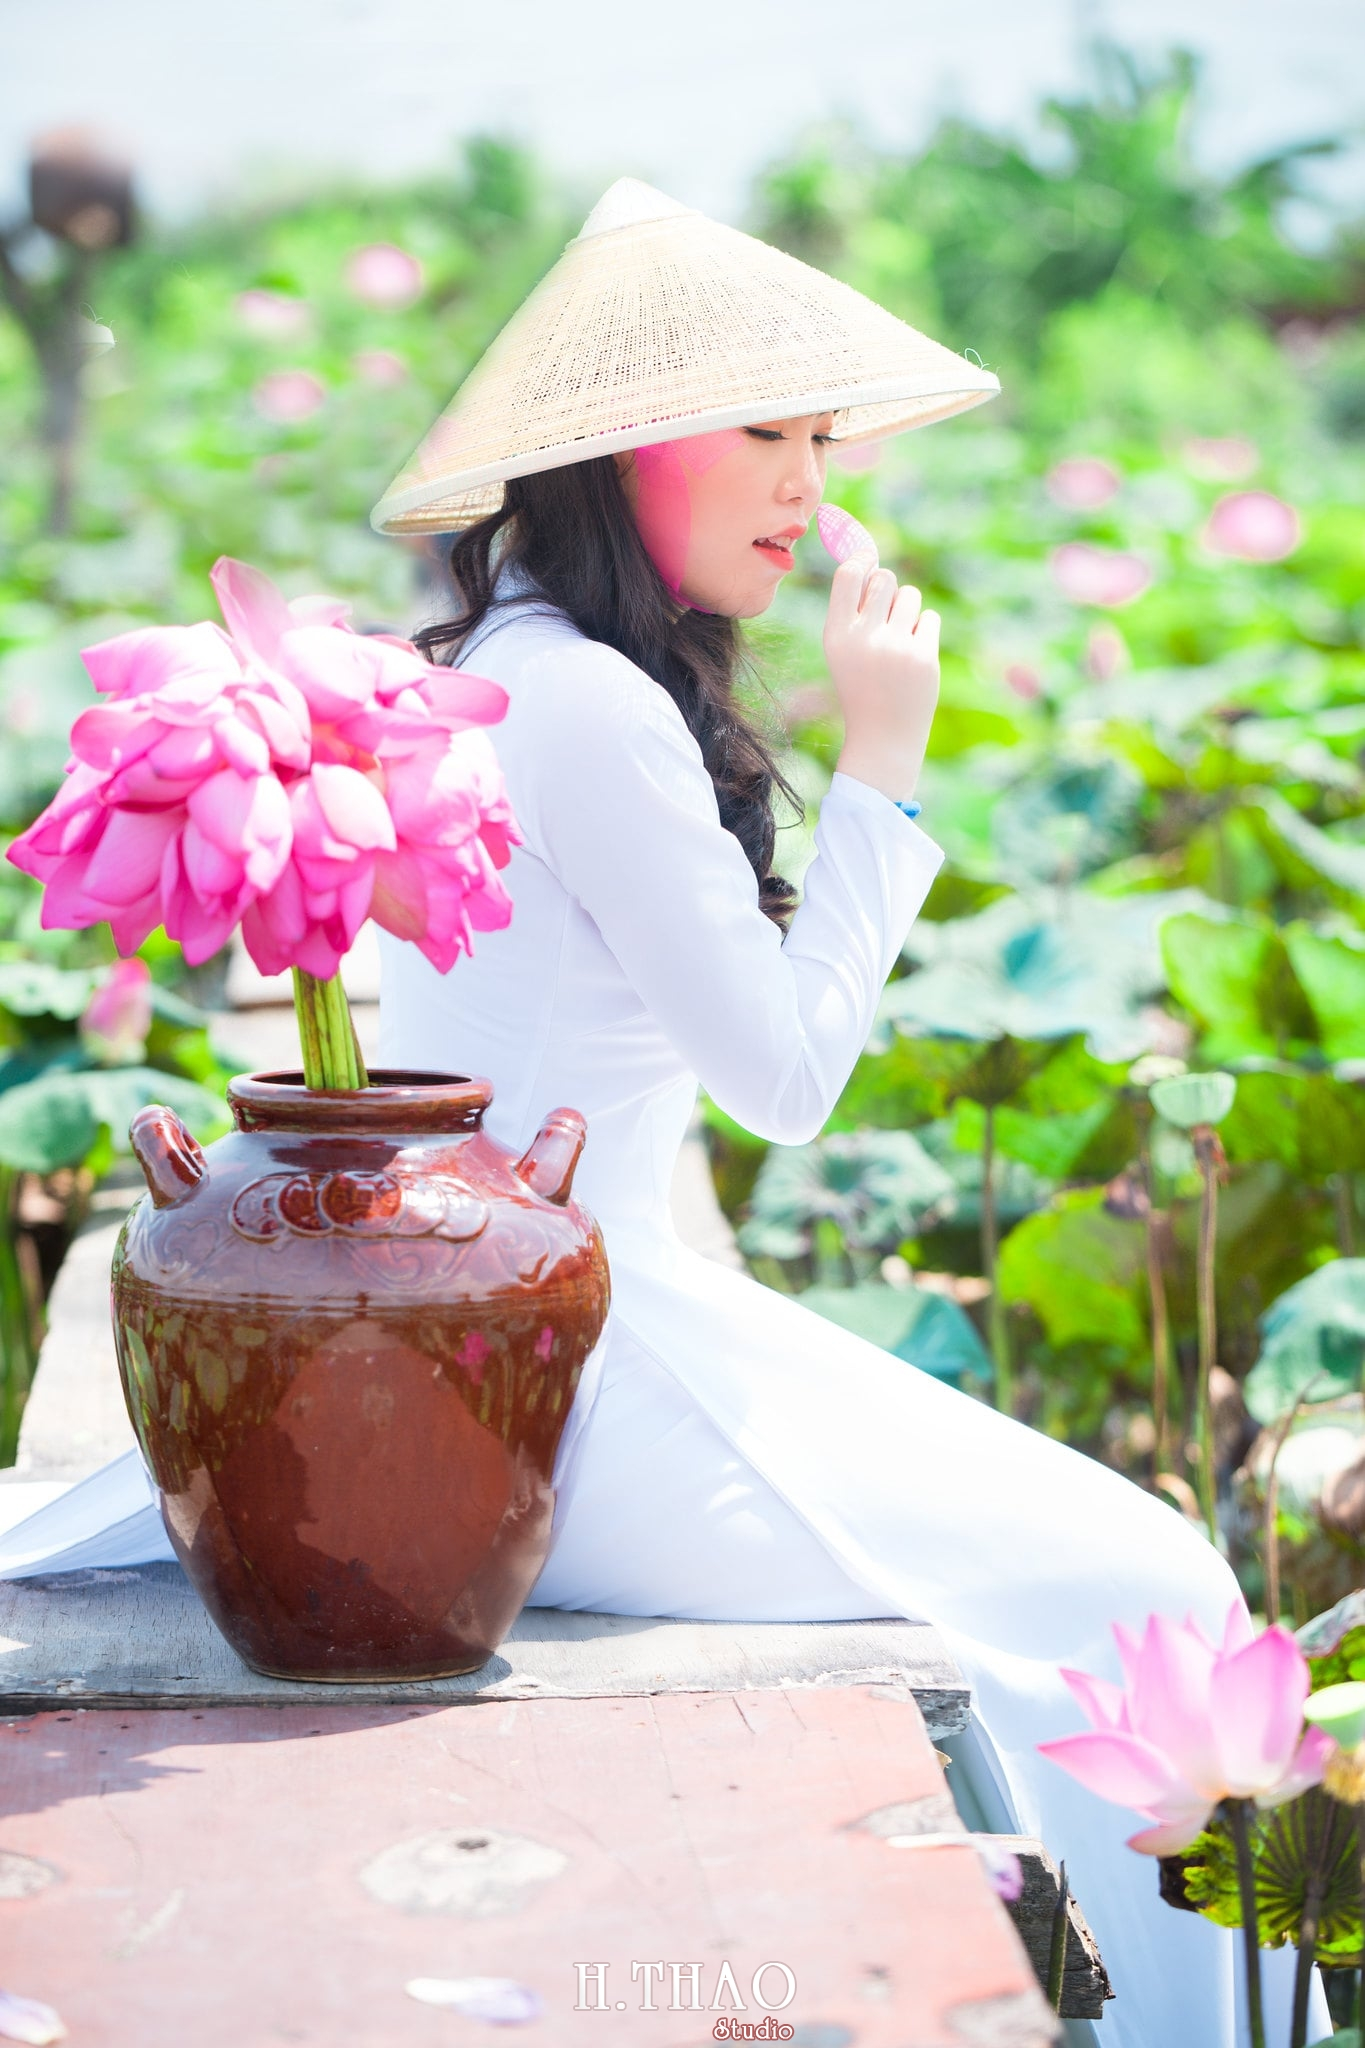 nh áo dài hoa sen 13 - Góc ảnh thiếu nữ áo dài bên hoa sen đẹp tinh khôi- HThao Studio